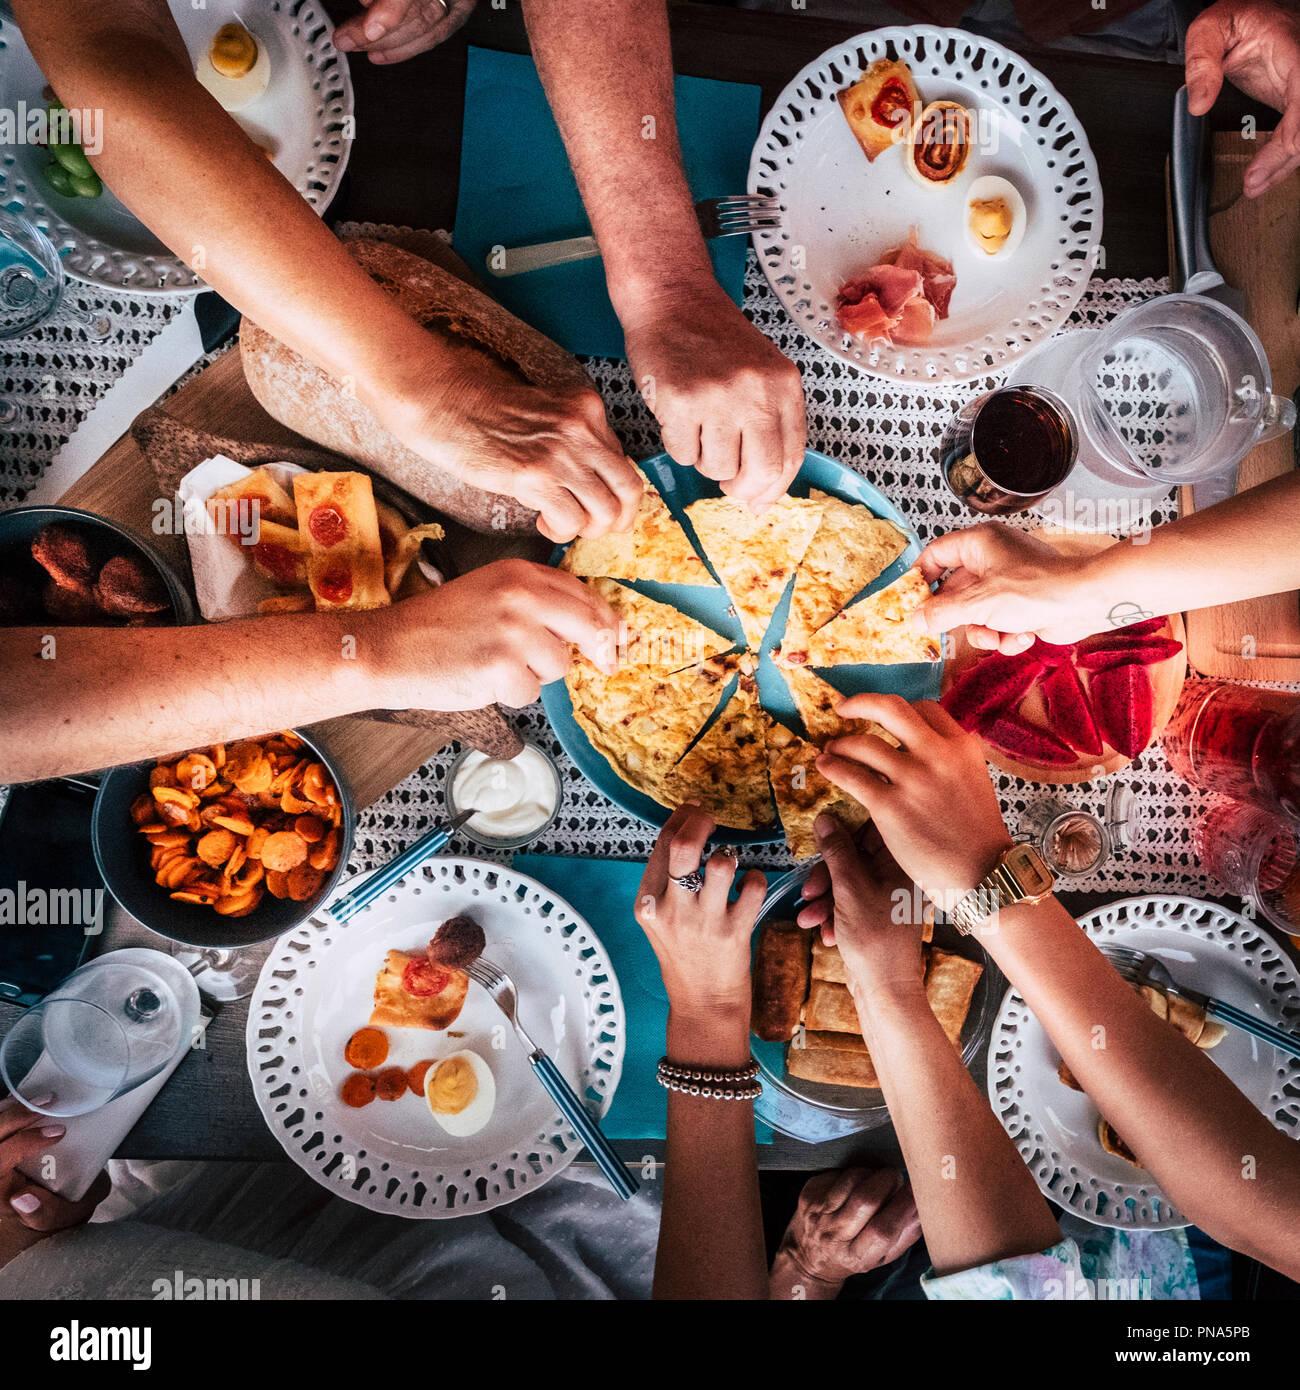 Vue aérienne de dessus pour la table et les mains et beaucoup de nourriture et de boissons. Célébration et partie de l'image concept de l'événement. Toutes les mains en prenant de la même pla Photo Stock